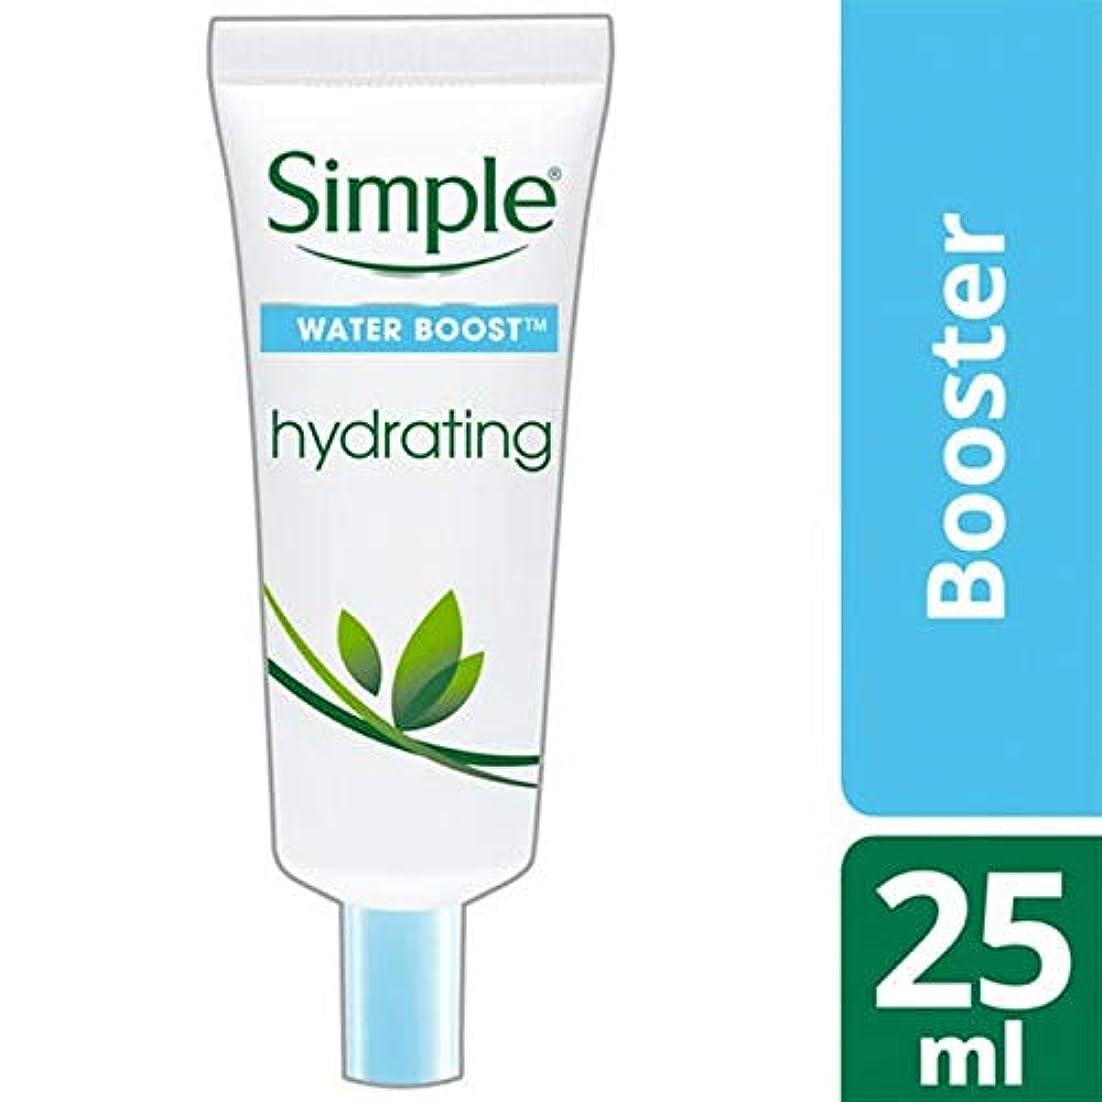 開発する肌寒いコンセンサス[Simple ] シンプルな水ブースト水和ブースター25ミリリットル - Simple Water Boost Hydrating Booster 25ml [並行輸入品]